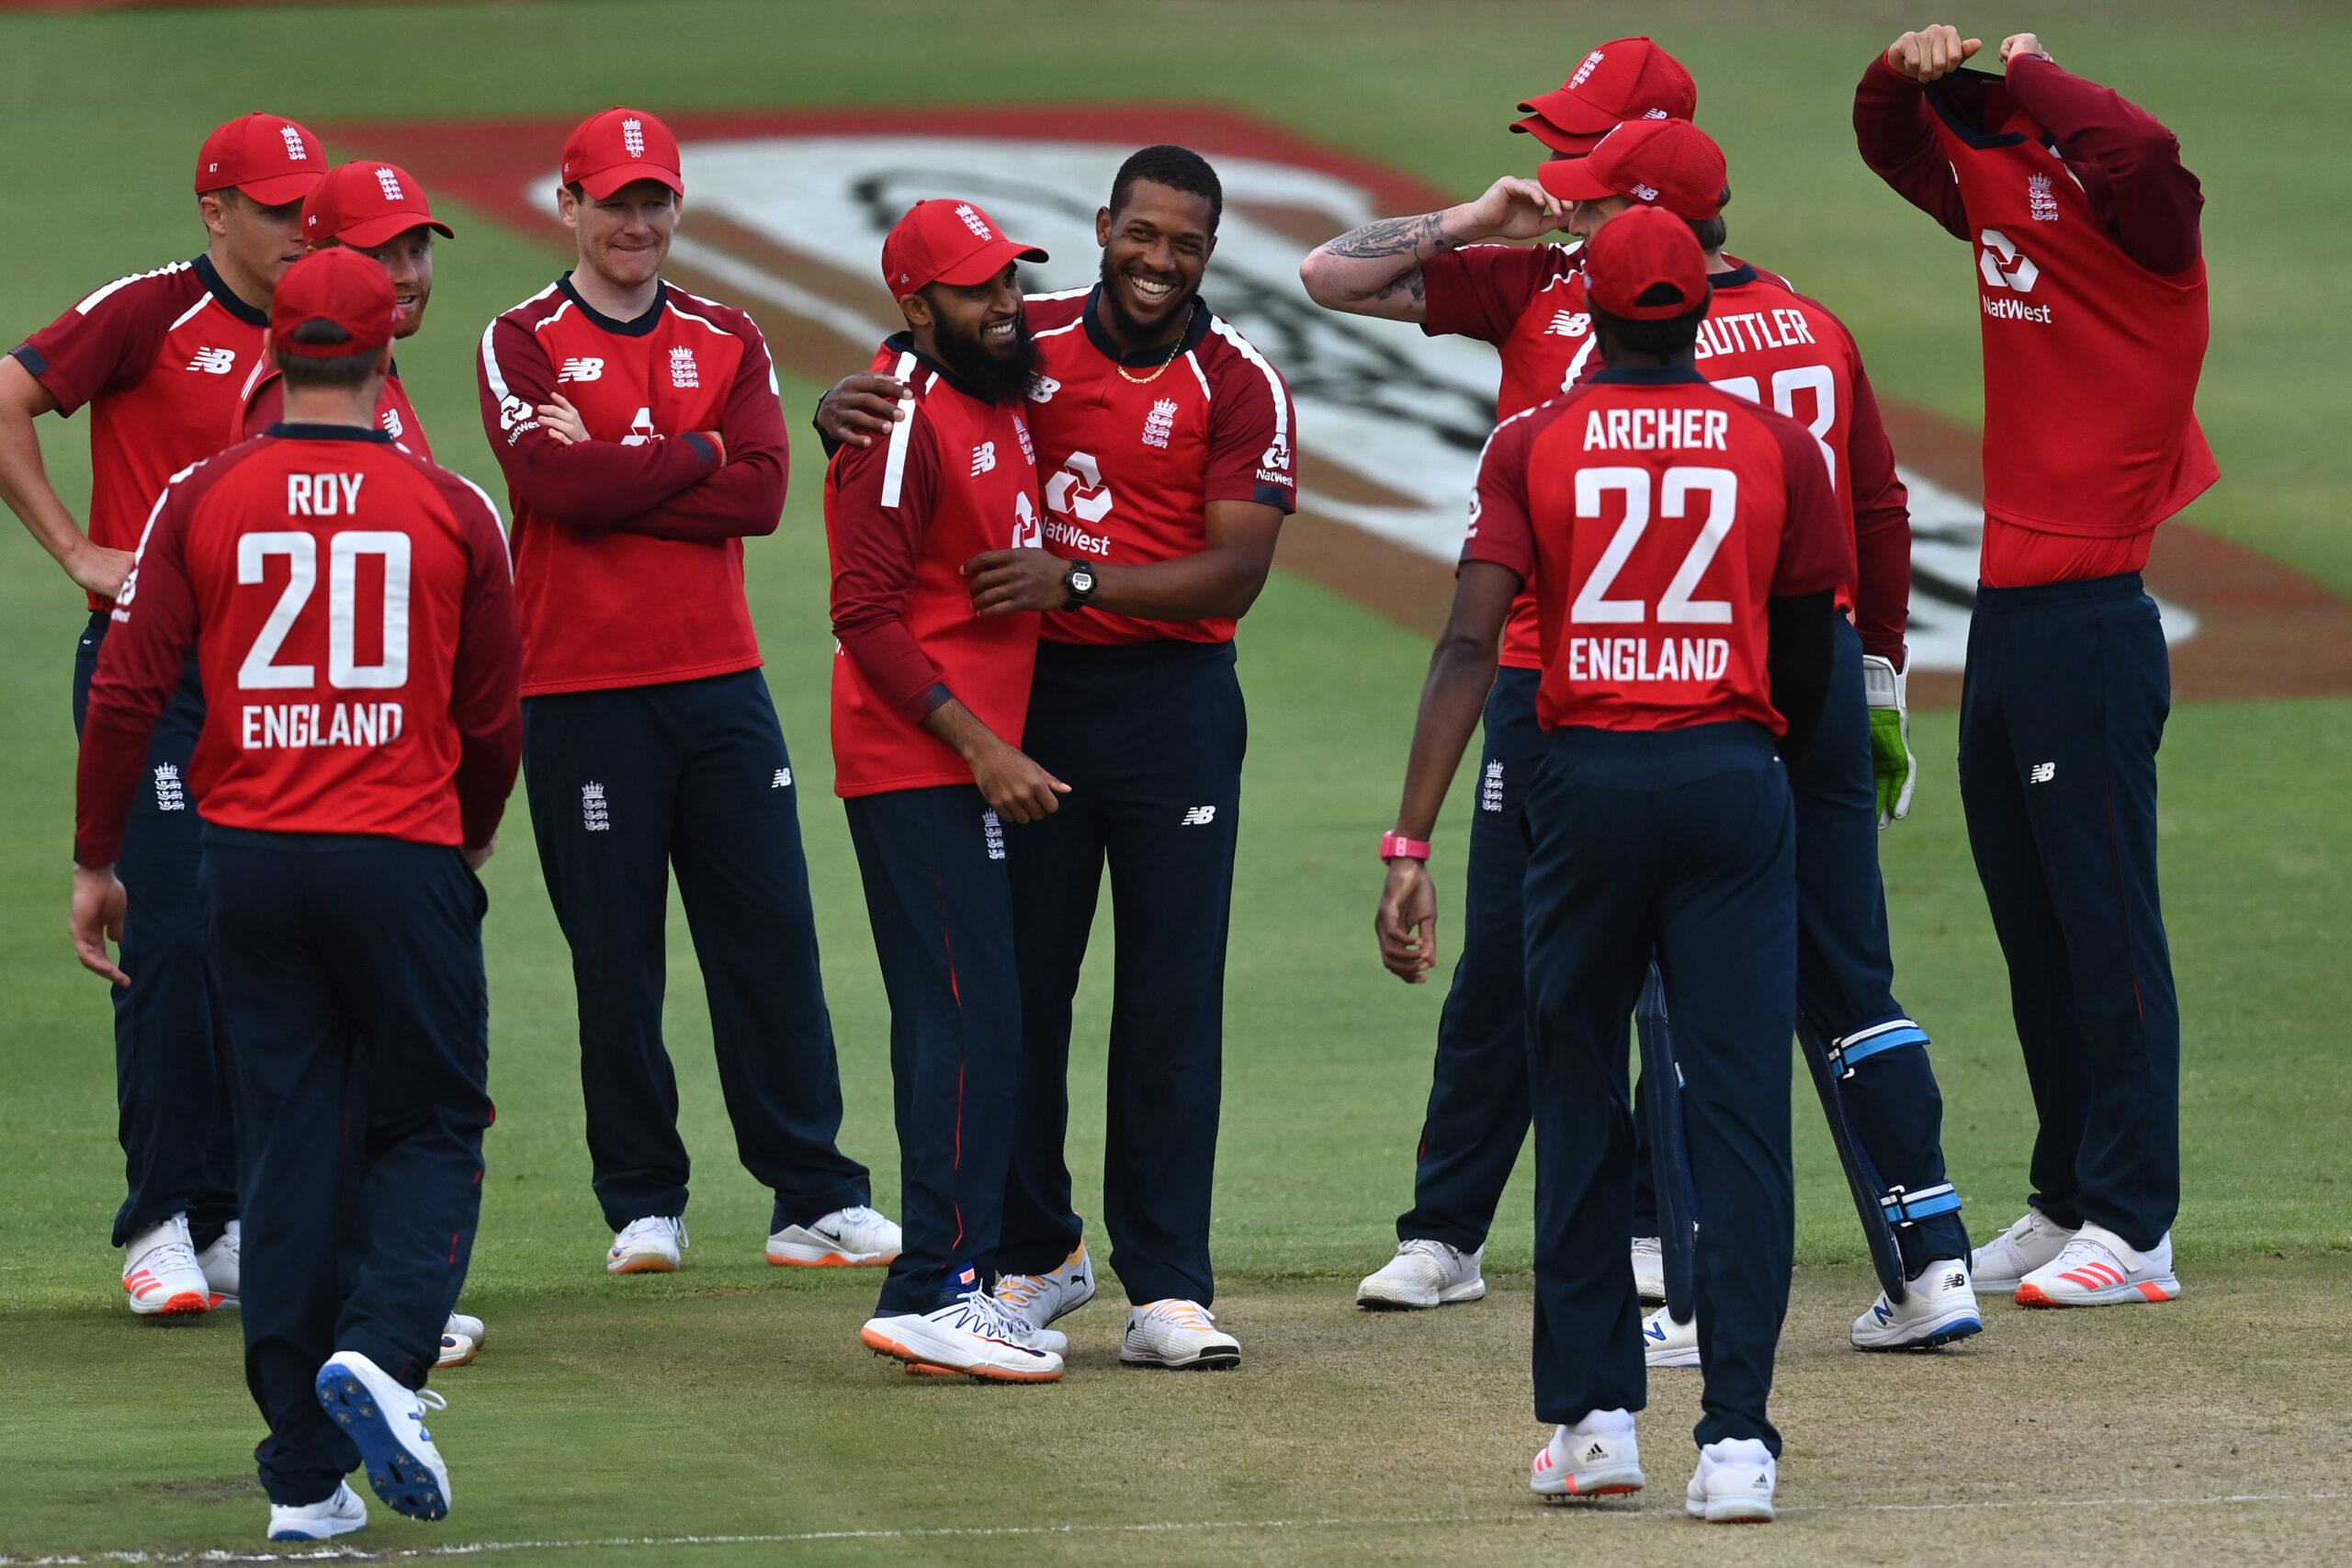 इंग्लैंड के खिलाड़ियों के आईपीएल छोड़ने से इन टीमों को होगा सबसे ज्यादा नुकसान 4